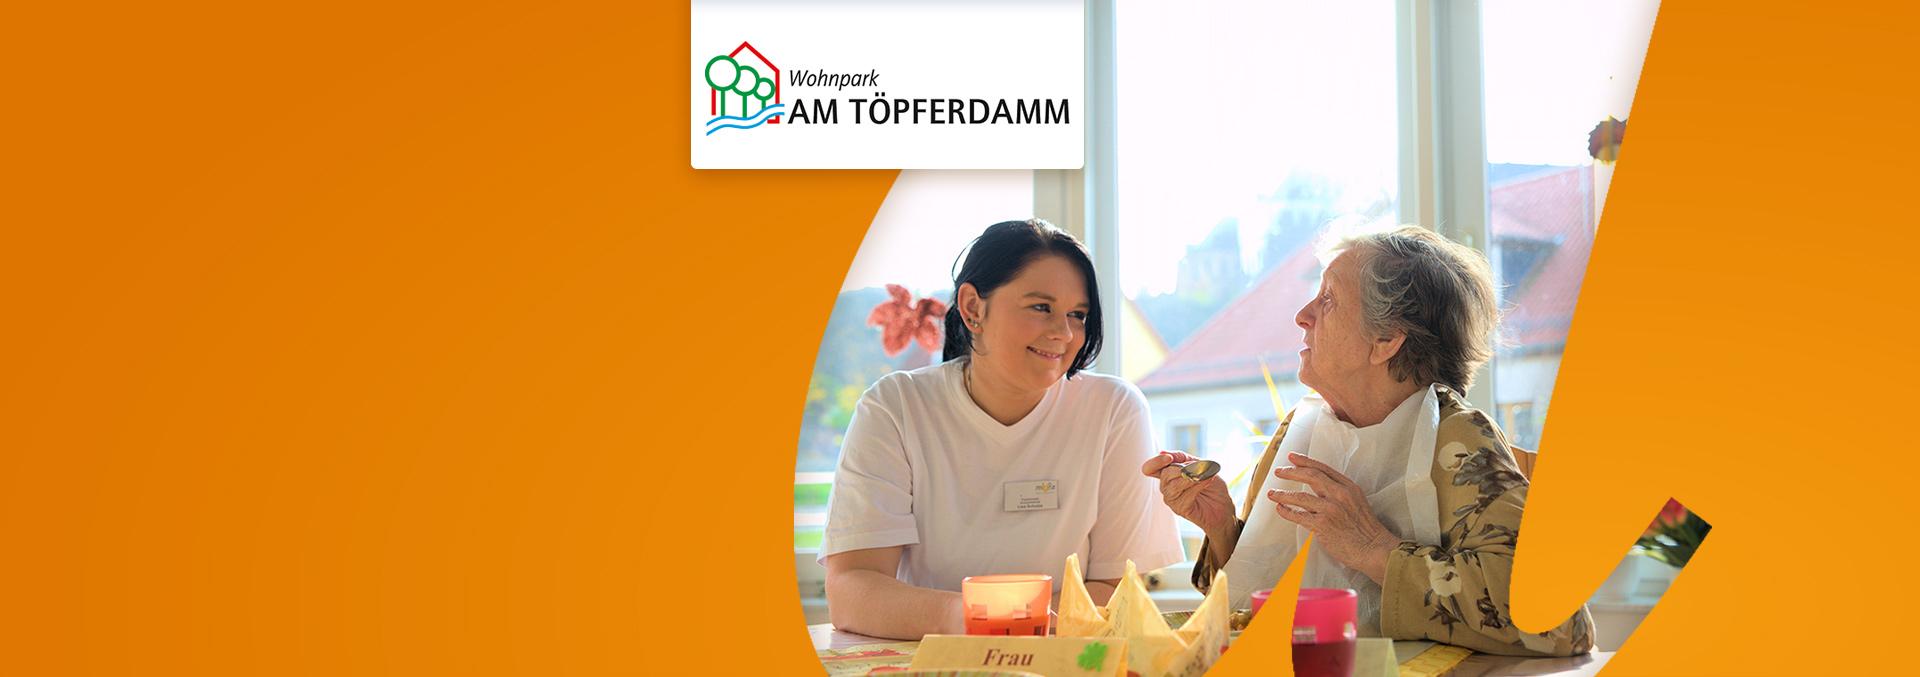 Wohnen im Wohnpark AM TÖPFERDAMM: Eine Bewohnerin und eine Pflegekraft unterhalten sich beim Essen